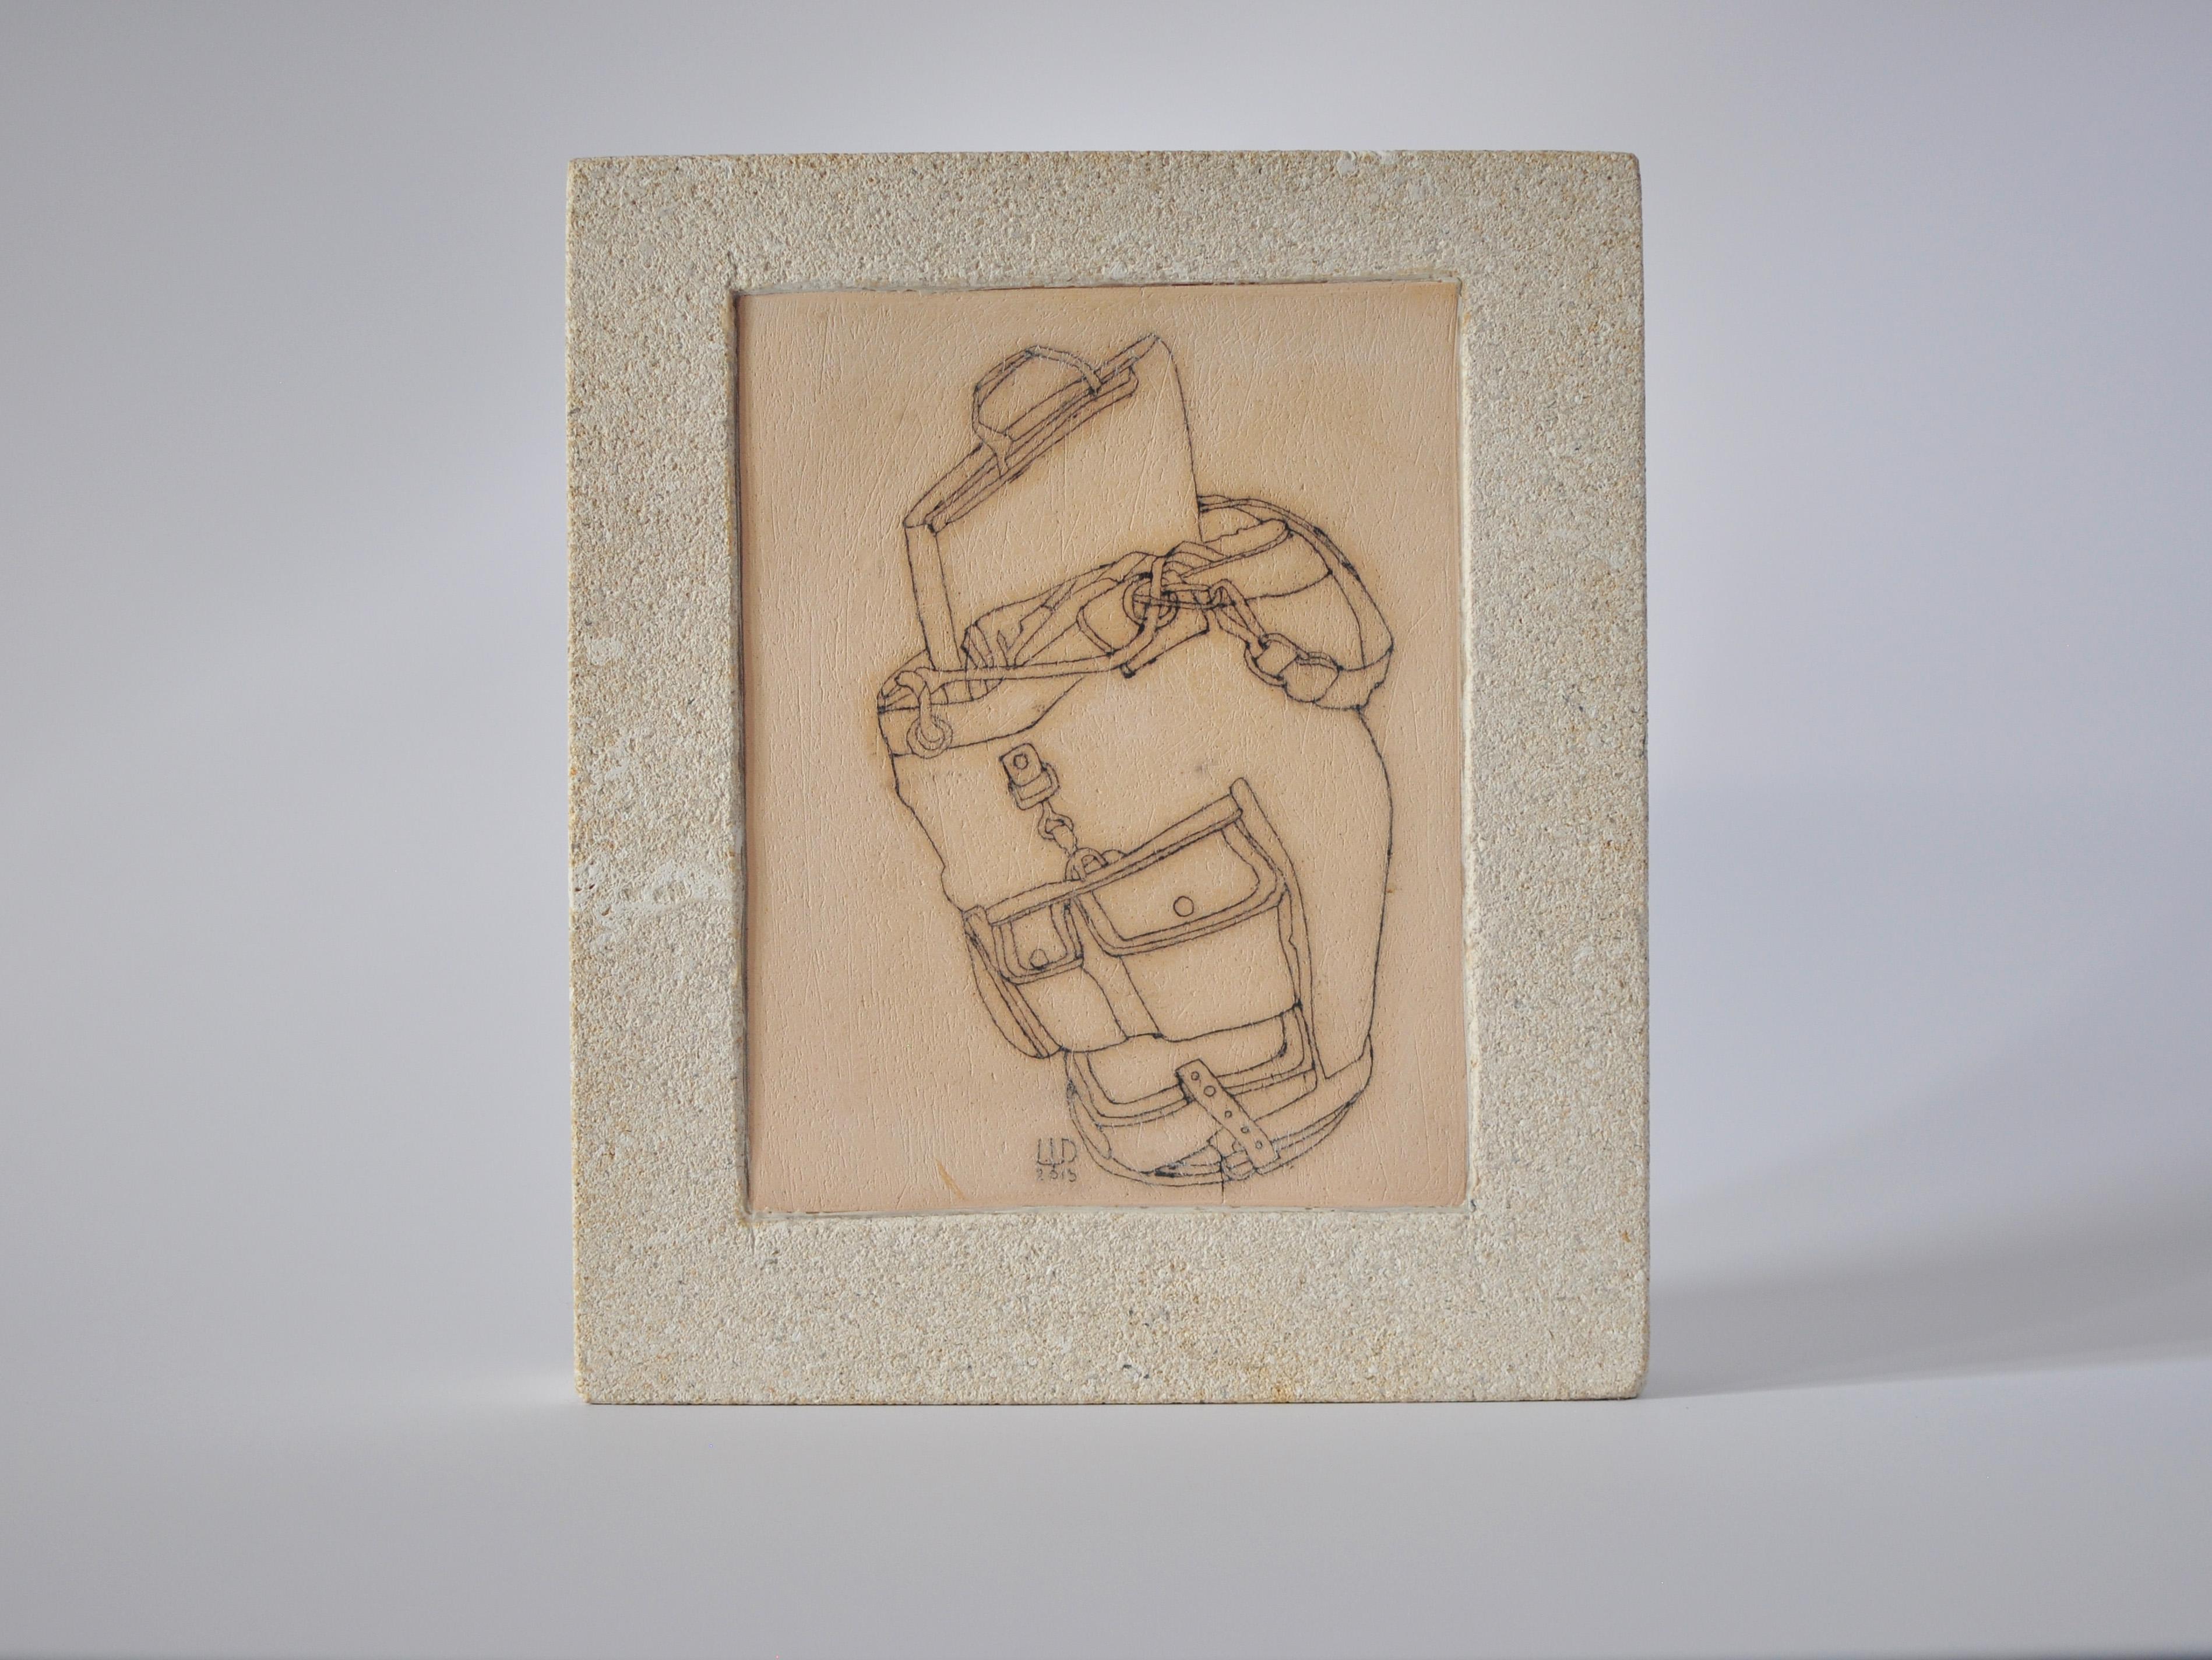 Денис Шиманський. Рюкзак, 2013; кераміка(шамот), вапняк